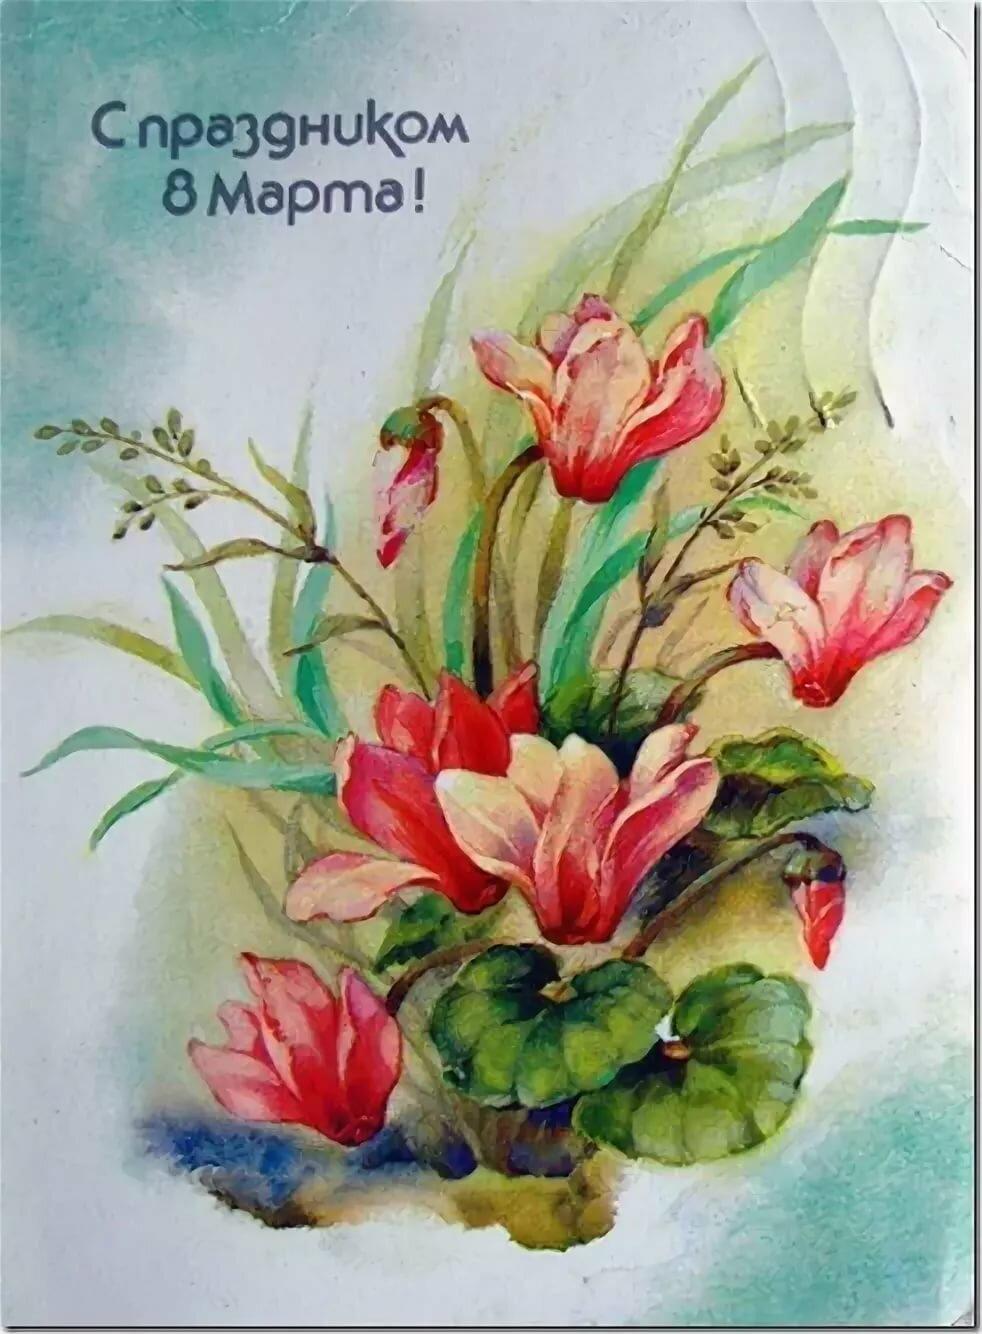 Красивые для, открытки 8 марта с цветами